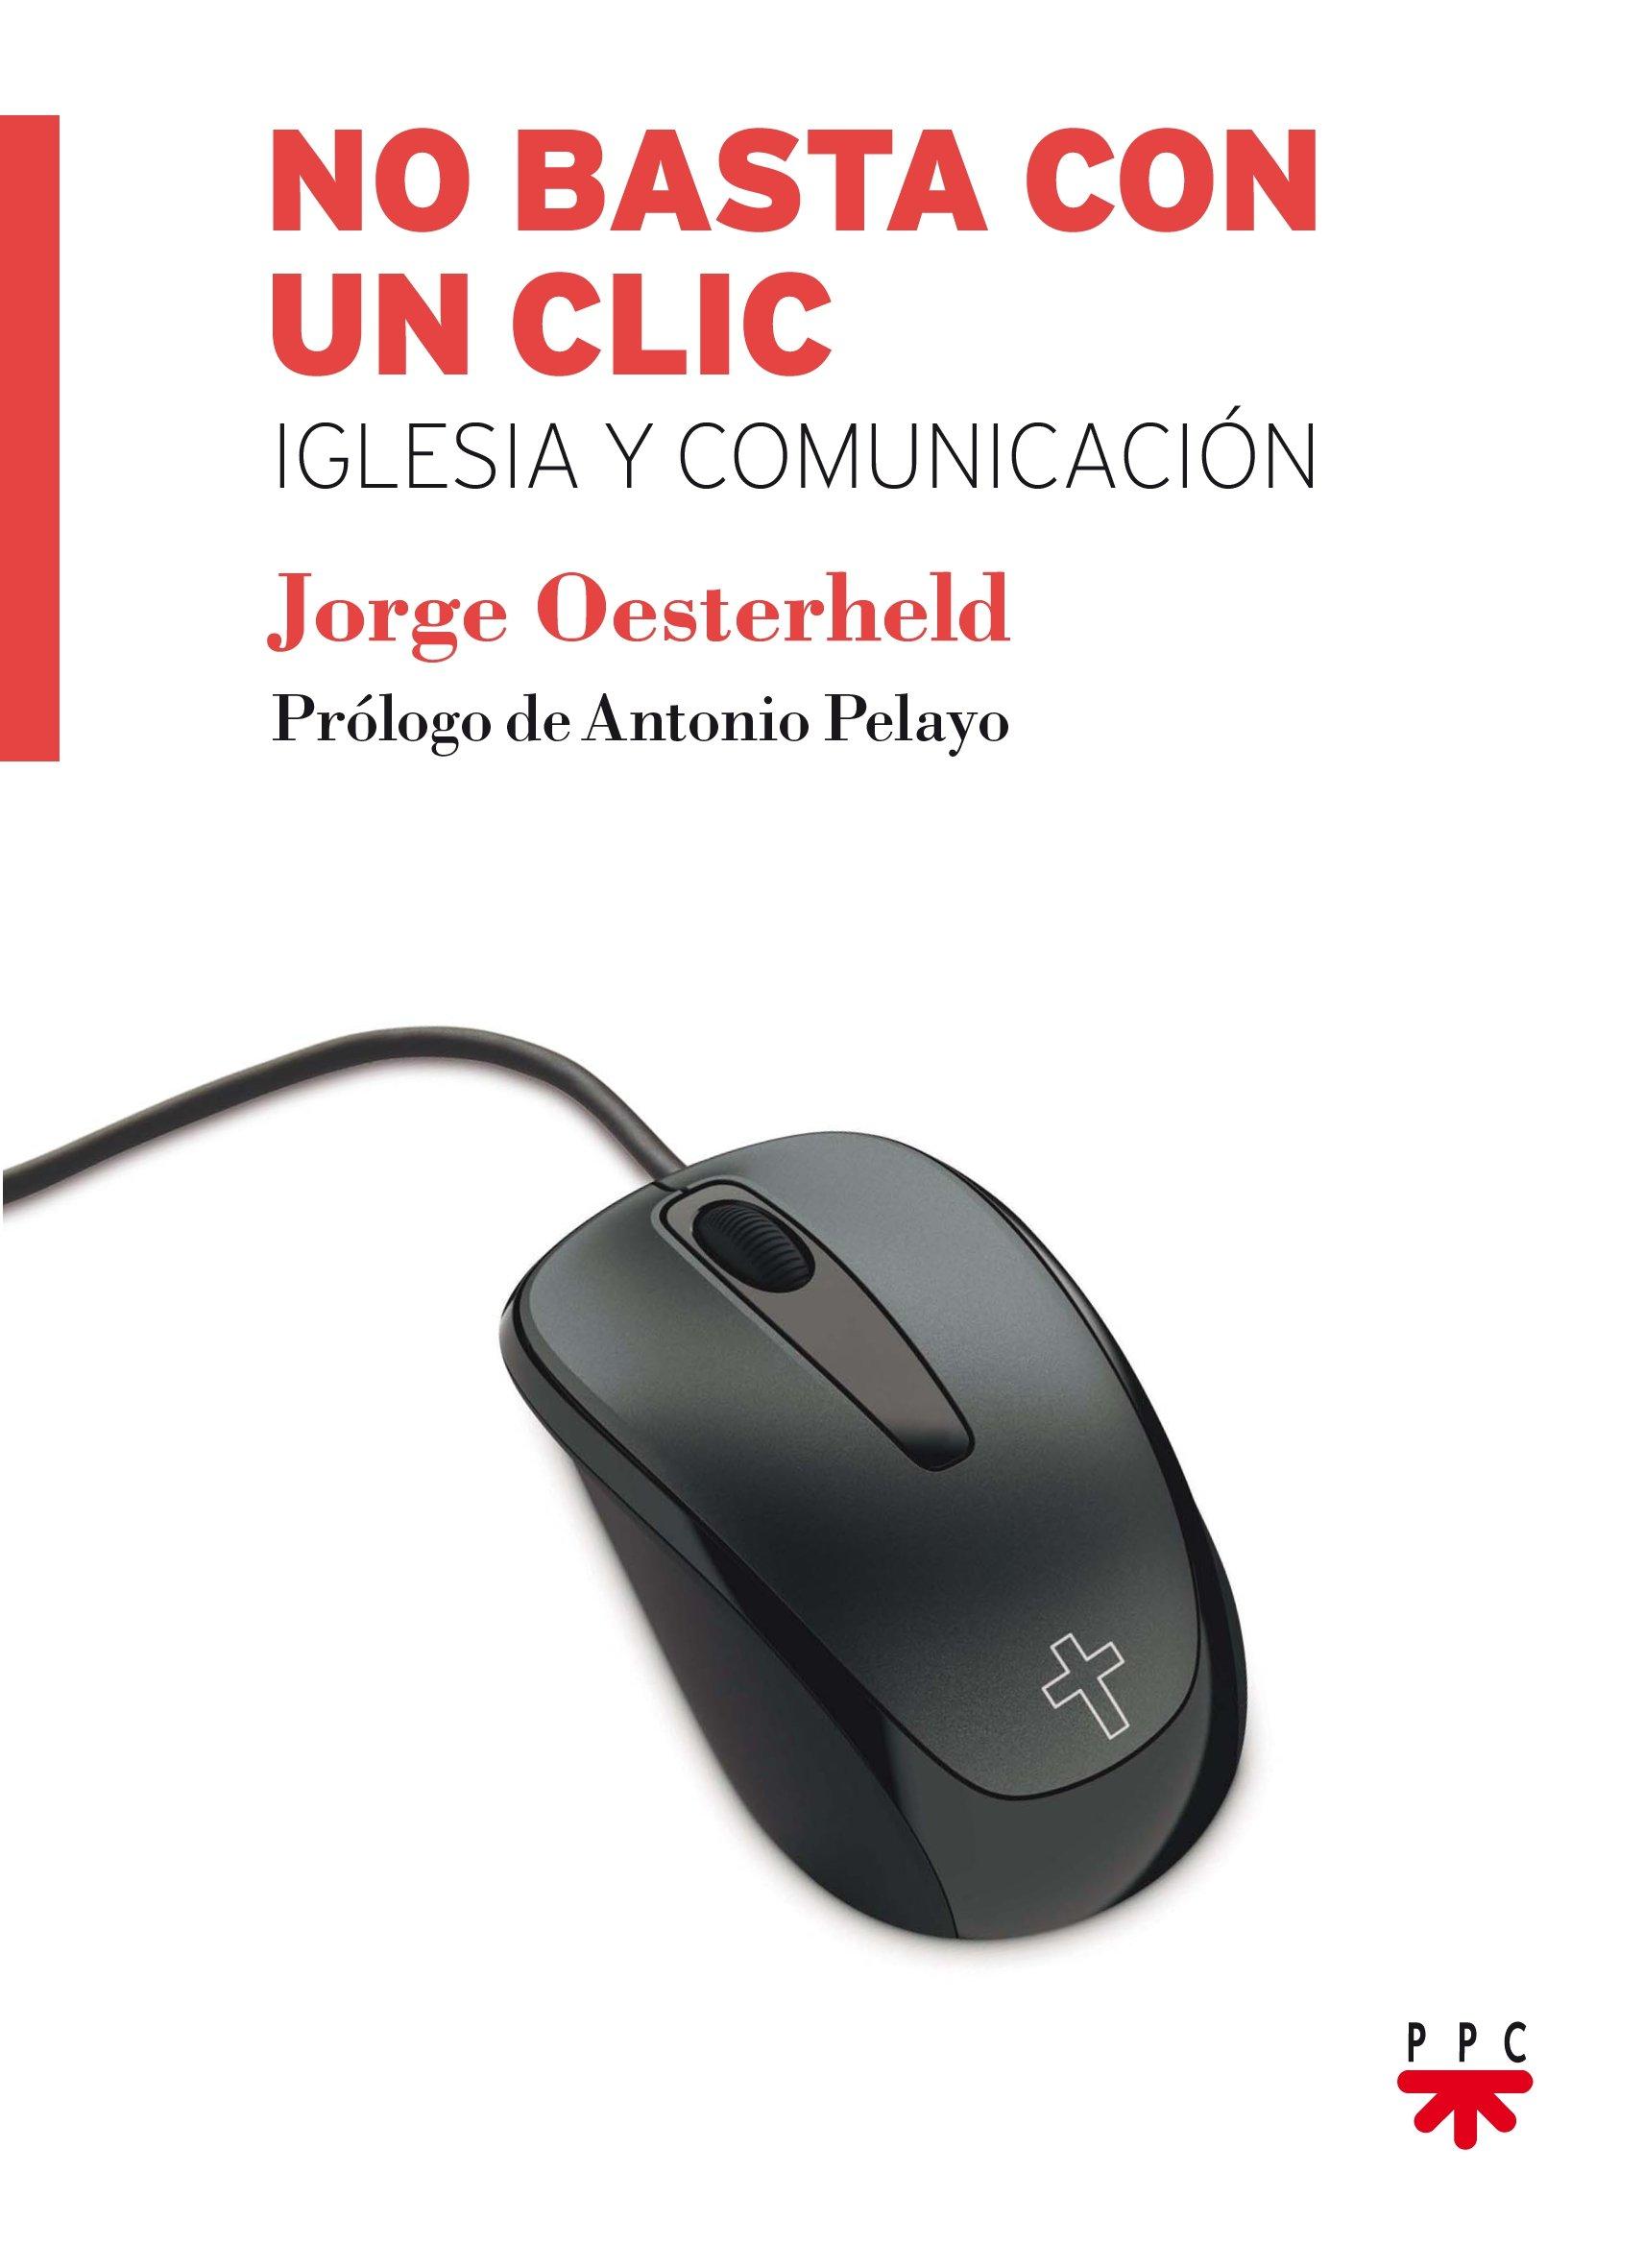 No basta con un clic: Amazon.es: Oesterheld, Jorge, Pelayo ...